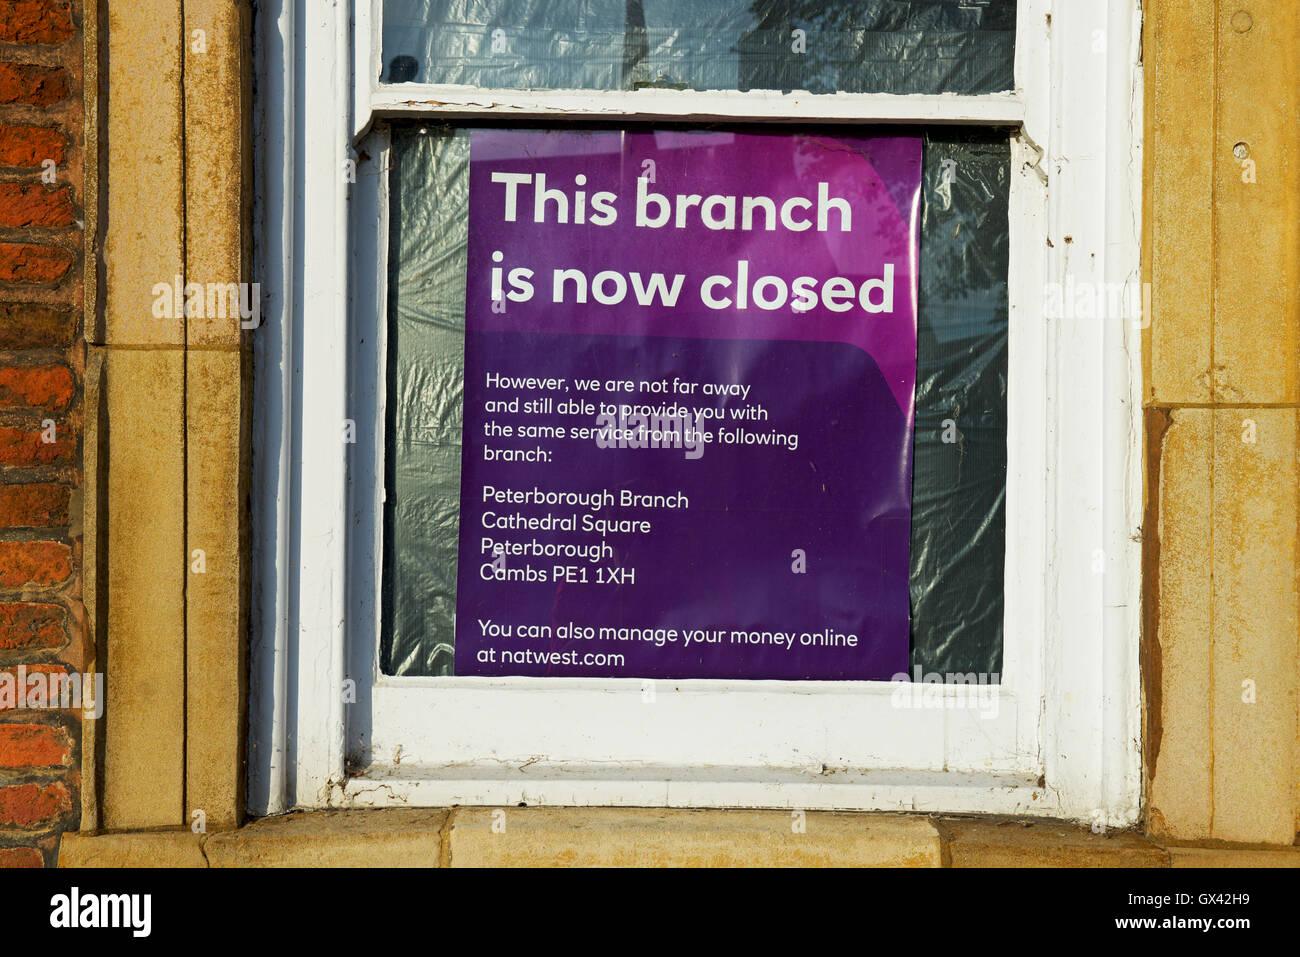 Schild im Fenster Mitteilung an Kunden, die dieser Zweig der Natwest Bank jetzt ist geschlossen, England UK Stockbild